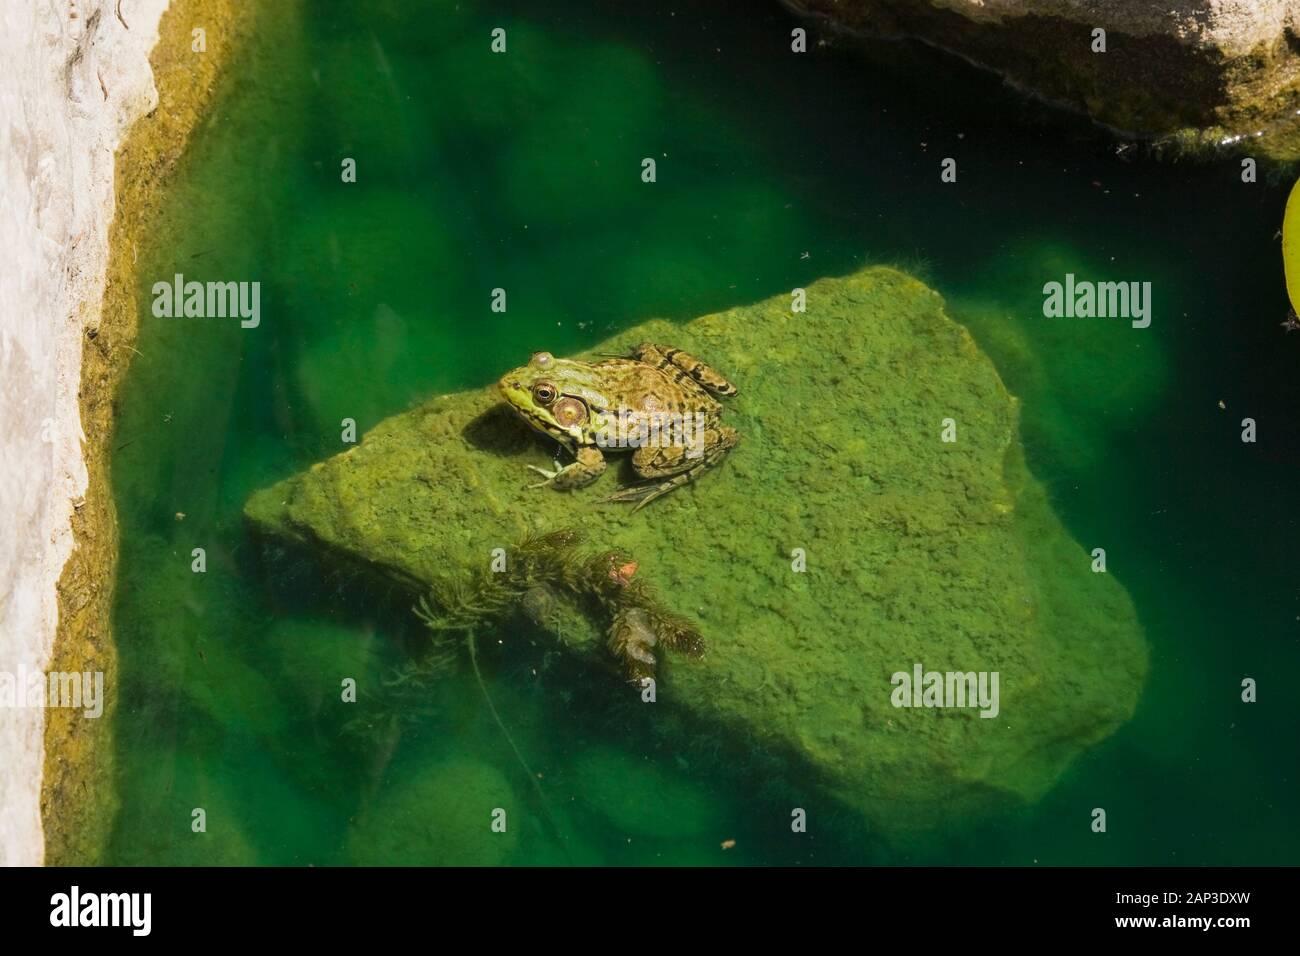 Gros plan de Rana clamitans - Grenouille verte reposant sur un roche couverte de chlorophyta - algues vertes dans un étang à la fin du printemps Banque D'Images